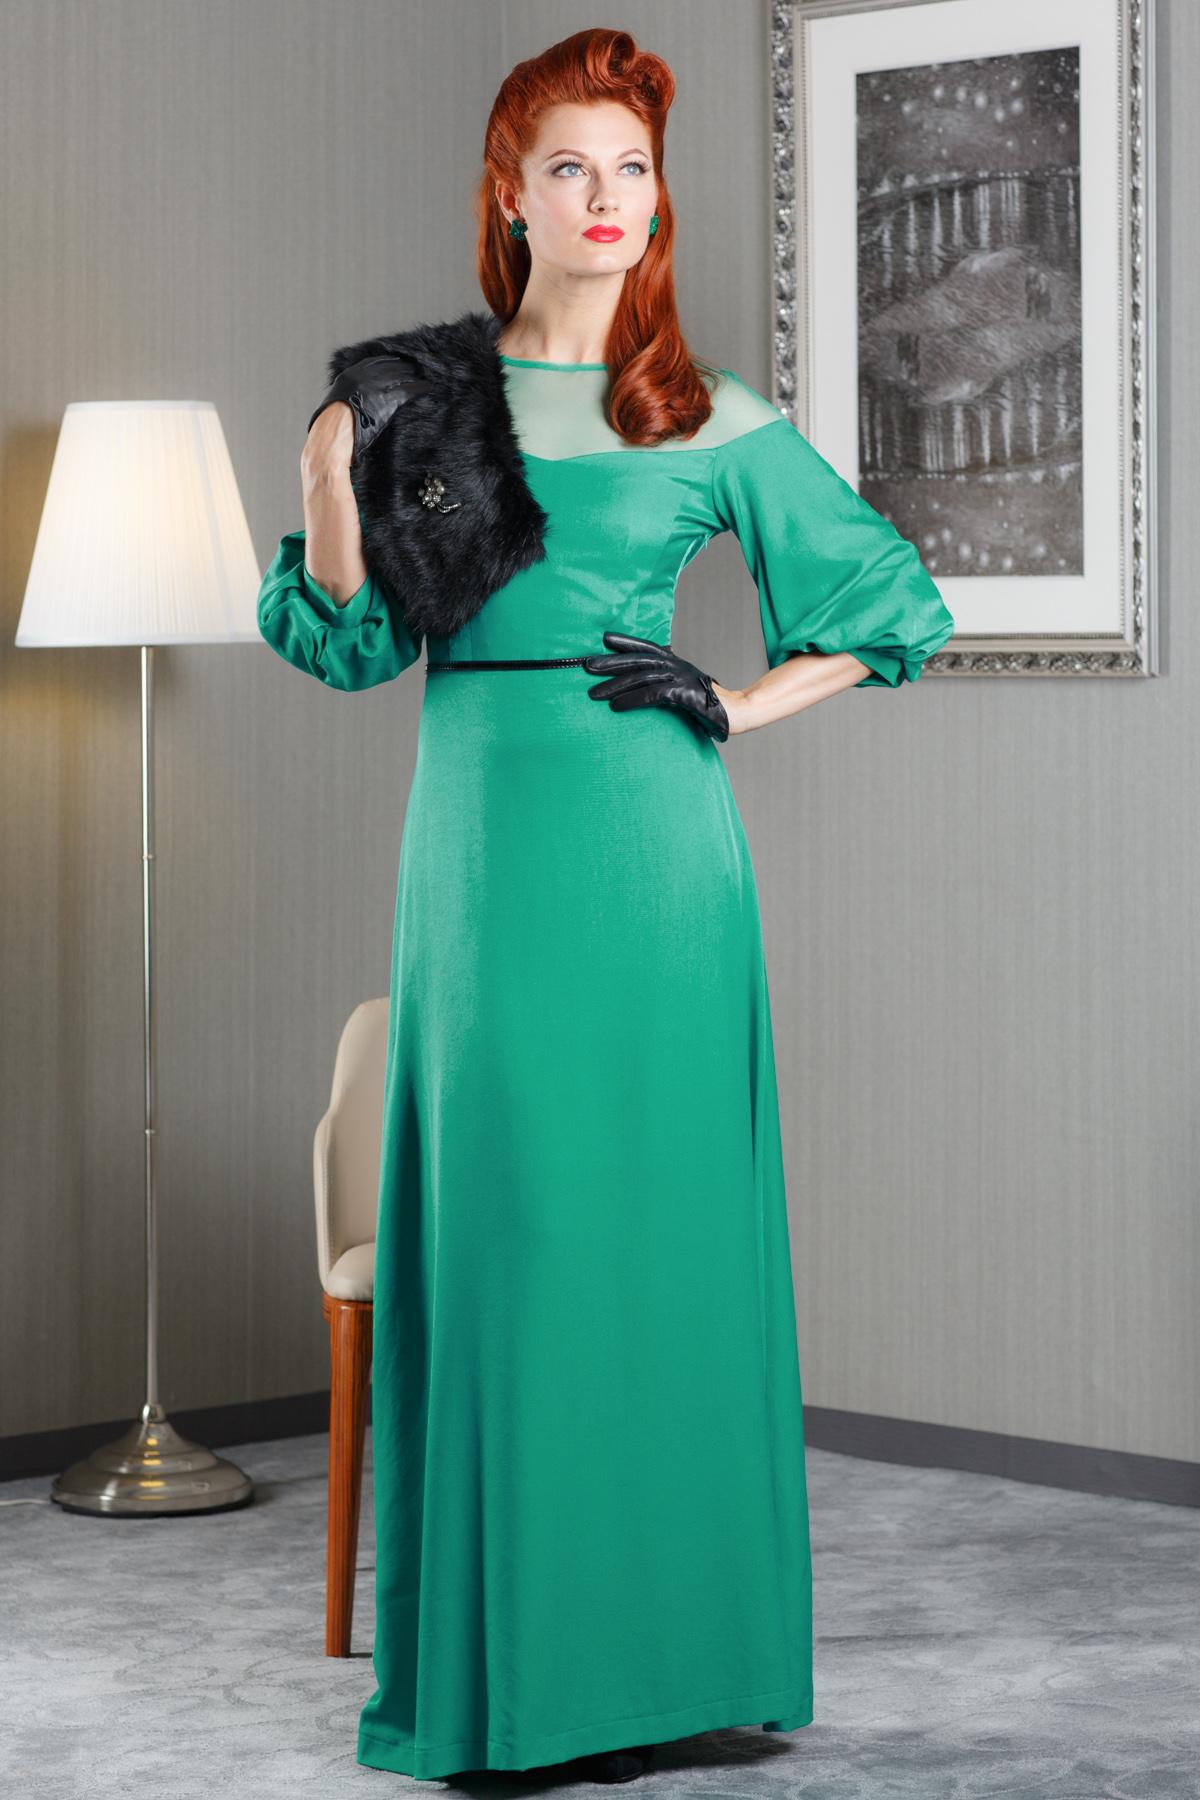 ПлатьеПлатья<br>Элегантное женское платье в пол. Модель выполнена из плотного материала. Отличный выбор для любого торжества. Пояс в комплект не входит  Цвет: зеленый<br><br>Горловина: С- горловина<br>По длине: Макси<br>По материалу: Вискоза,Тканевые<br>По рисунку: Однотонные<br>По сезону: Весна,Всесезон,Зима,Лето,Осень<br>По силуэту: Полуприталенные<br>Рукав: Рукав три четверти<br>По форме: Платье - футляр<br>По стилю: Молодежный стиль,Нарядный стиль,Вечерний стиль<br>Размер : 40,42,44<br>Материал: Атлас + Гипюровая сетка<br>Количество в наличии: 3